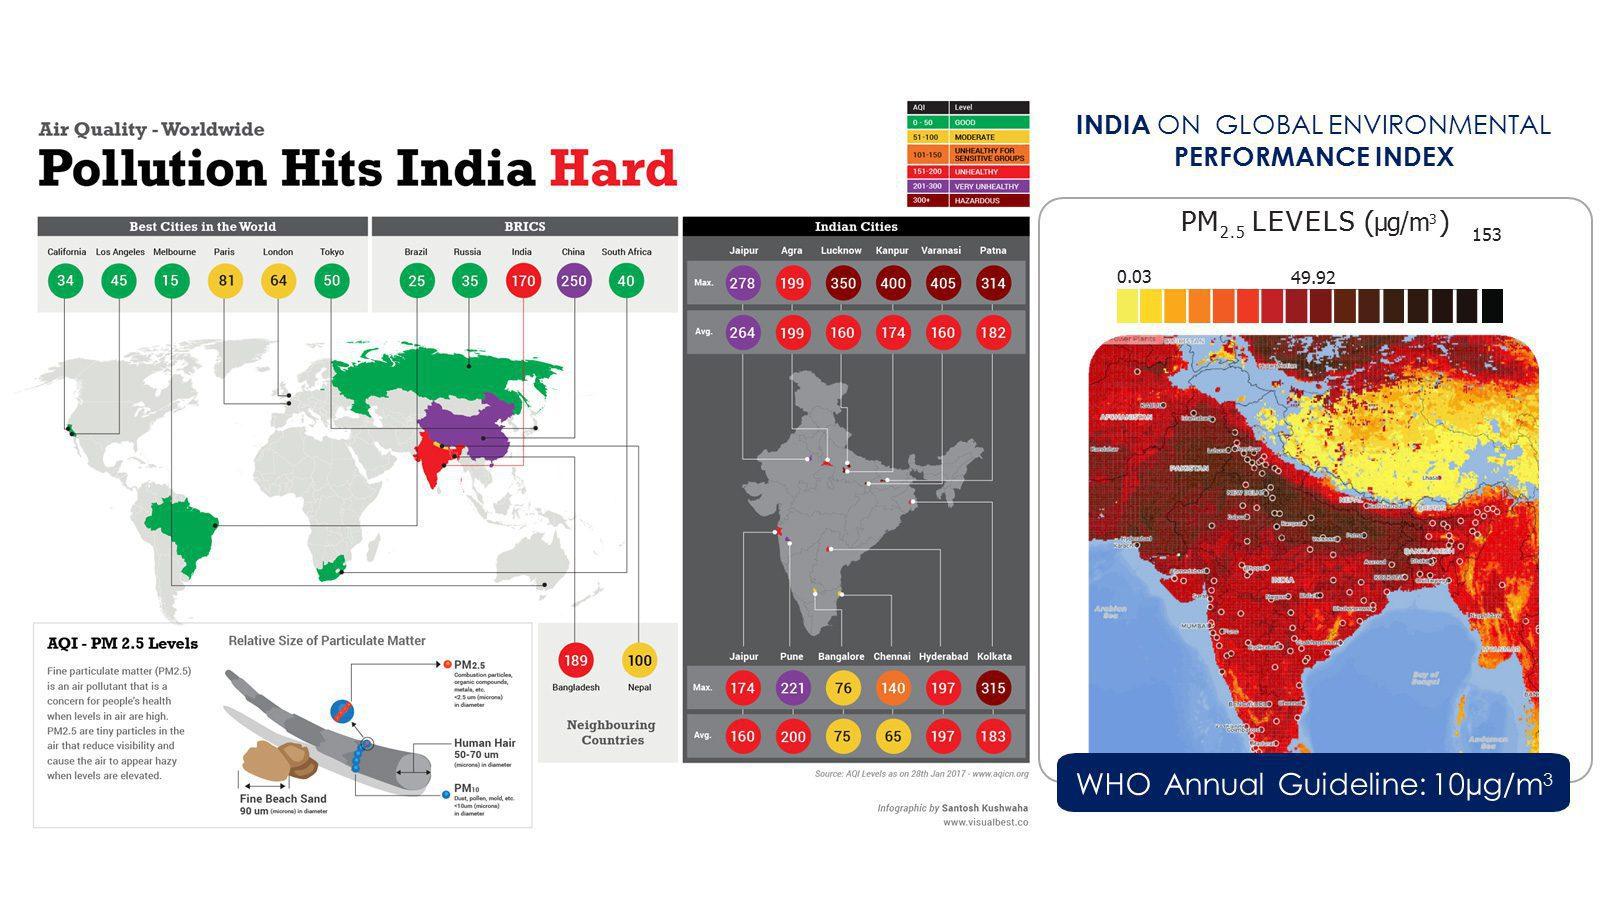 Air pollution hits India hard